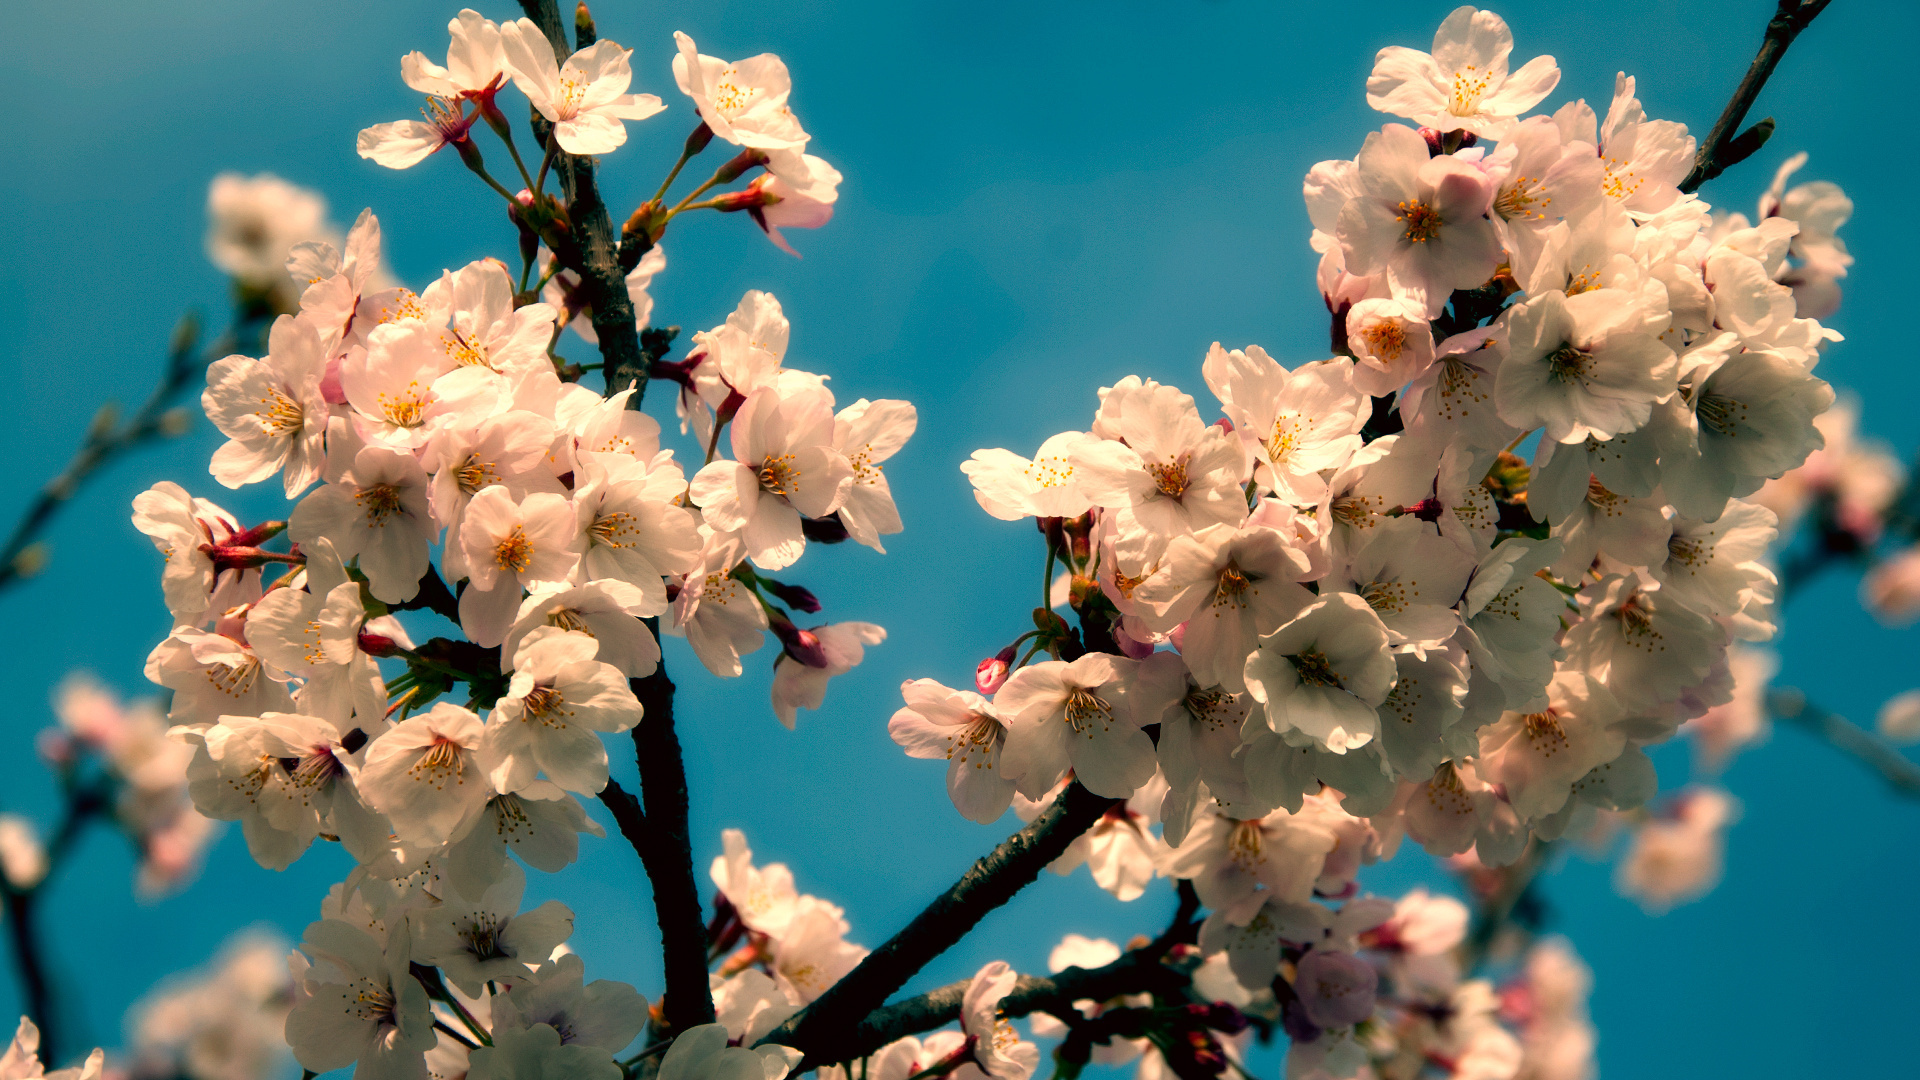 ресторанам красивые картинки весна на рабочий стол широкоформатные камень